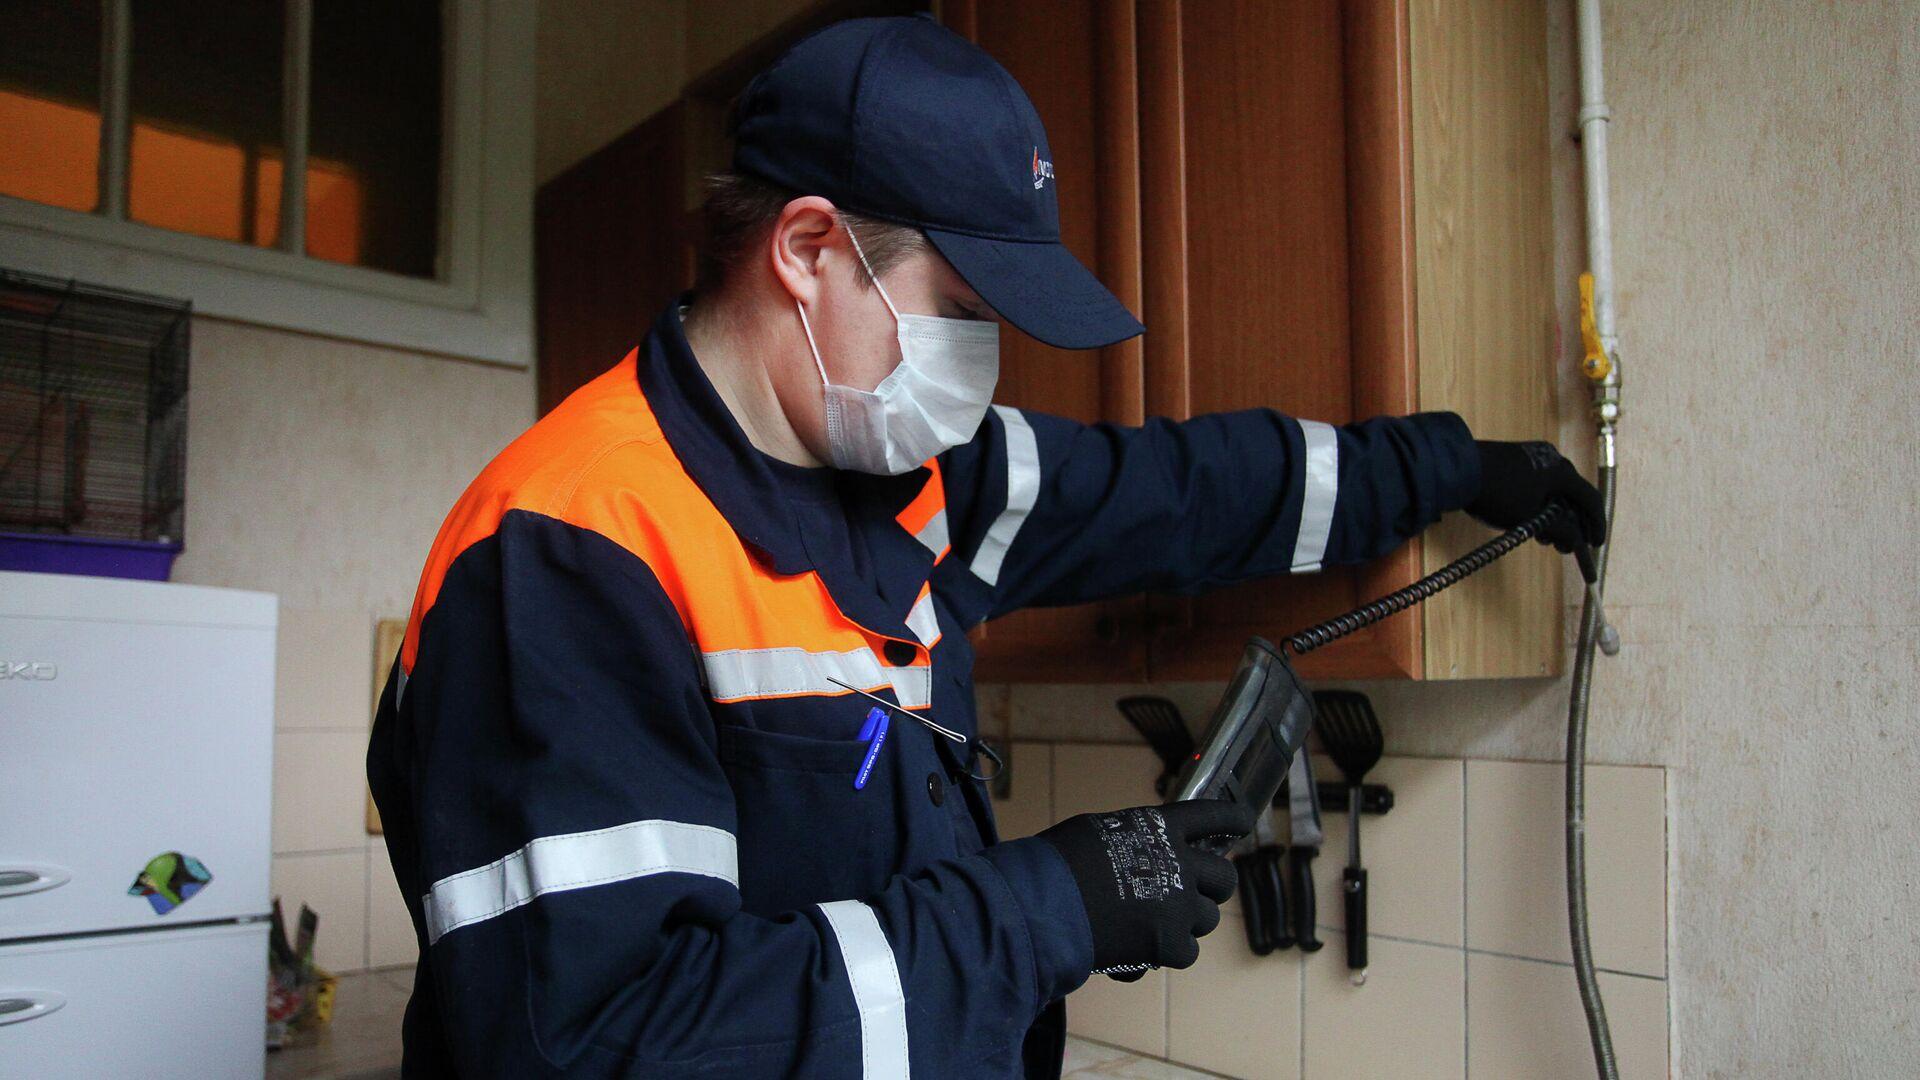 Сотрудник Мосгаза выполняет внеплановый осмотр газового оборудования в домах - РИА Новости, 1920, 24.11.2020